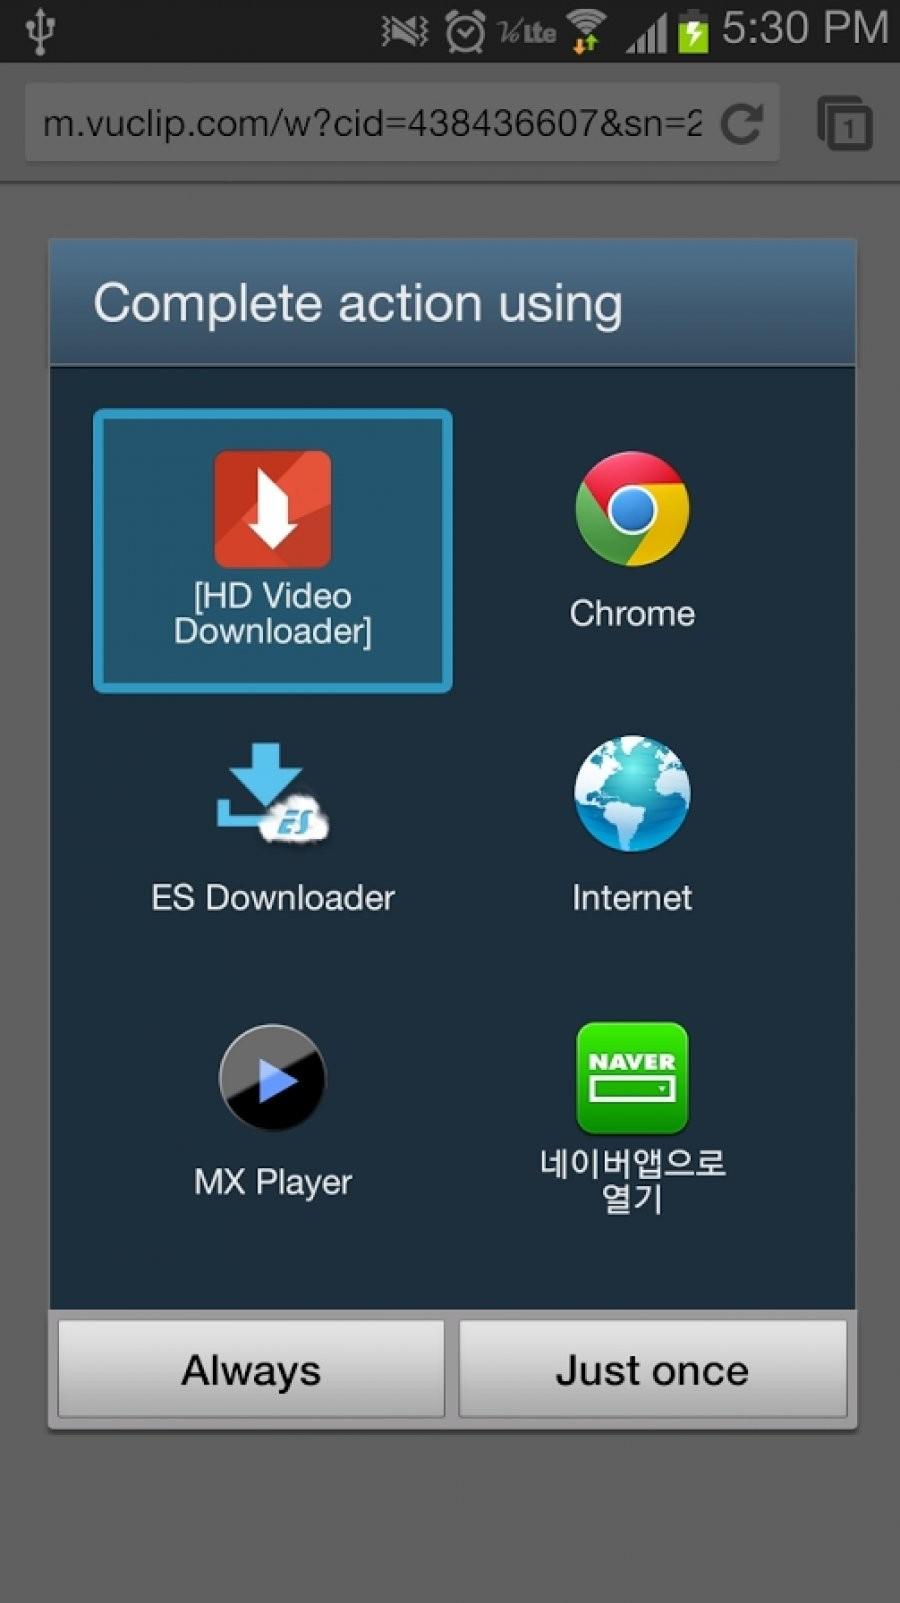 SnapTube - YouTube Downloader HD Video v4.18.0.8818 [Vip]